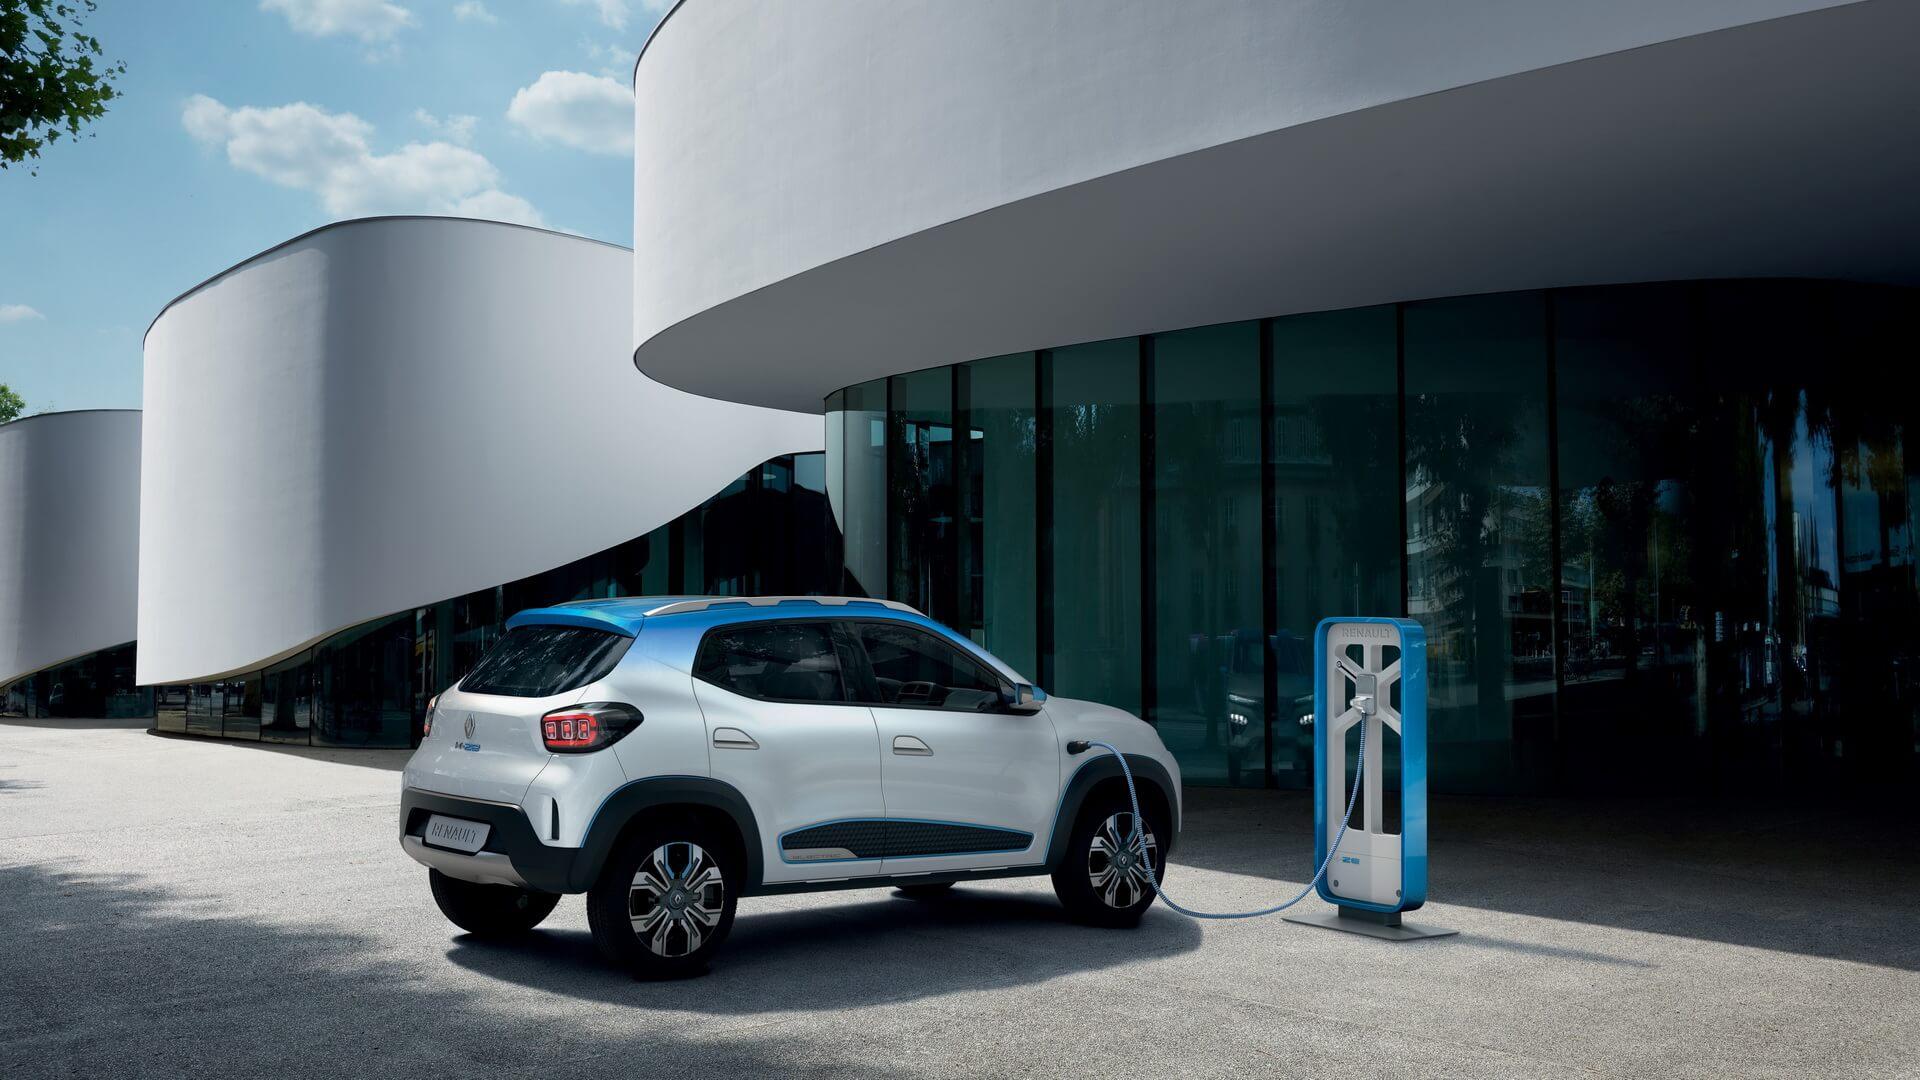 Электрический кроссовер Renault K-ZE на зарядке